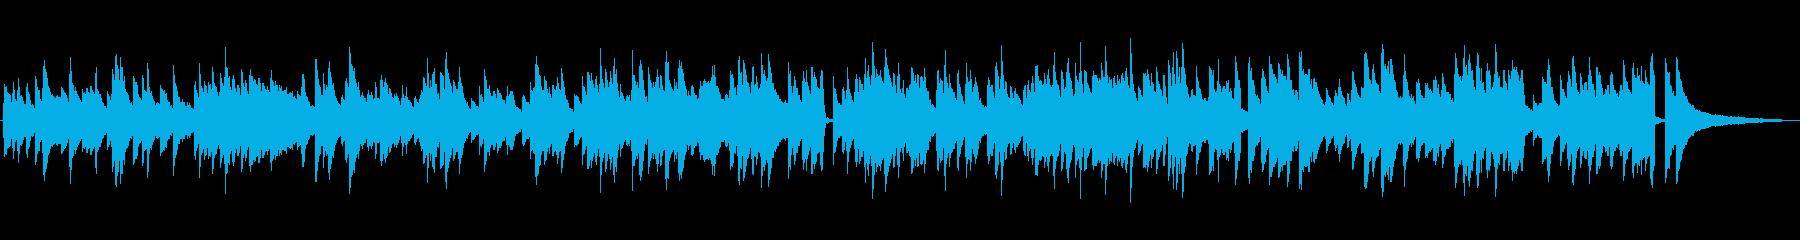 ゆっくりめのジャズ風ラウンジピアノソロの再生済みの波形